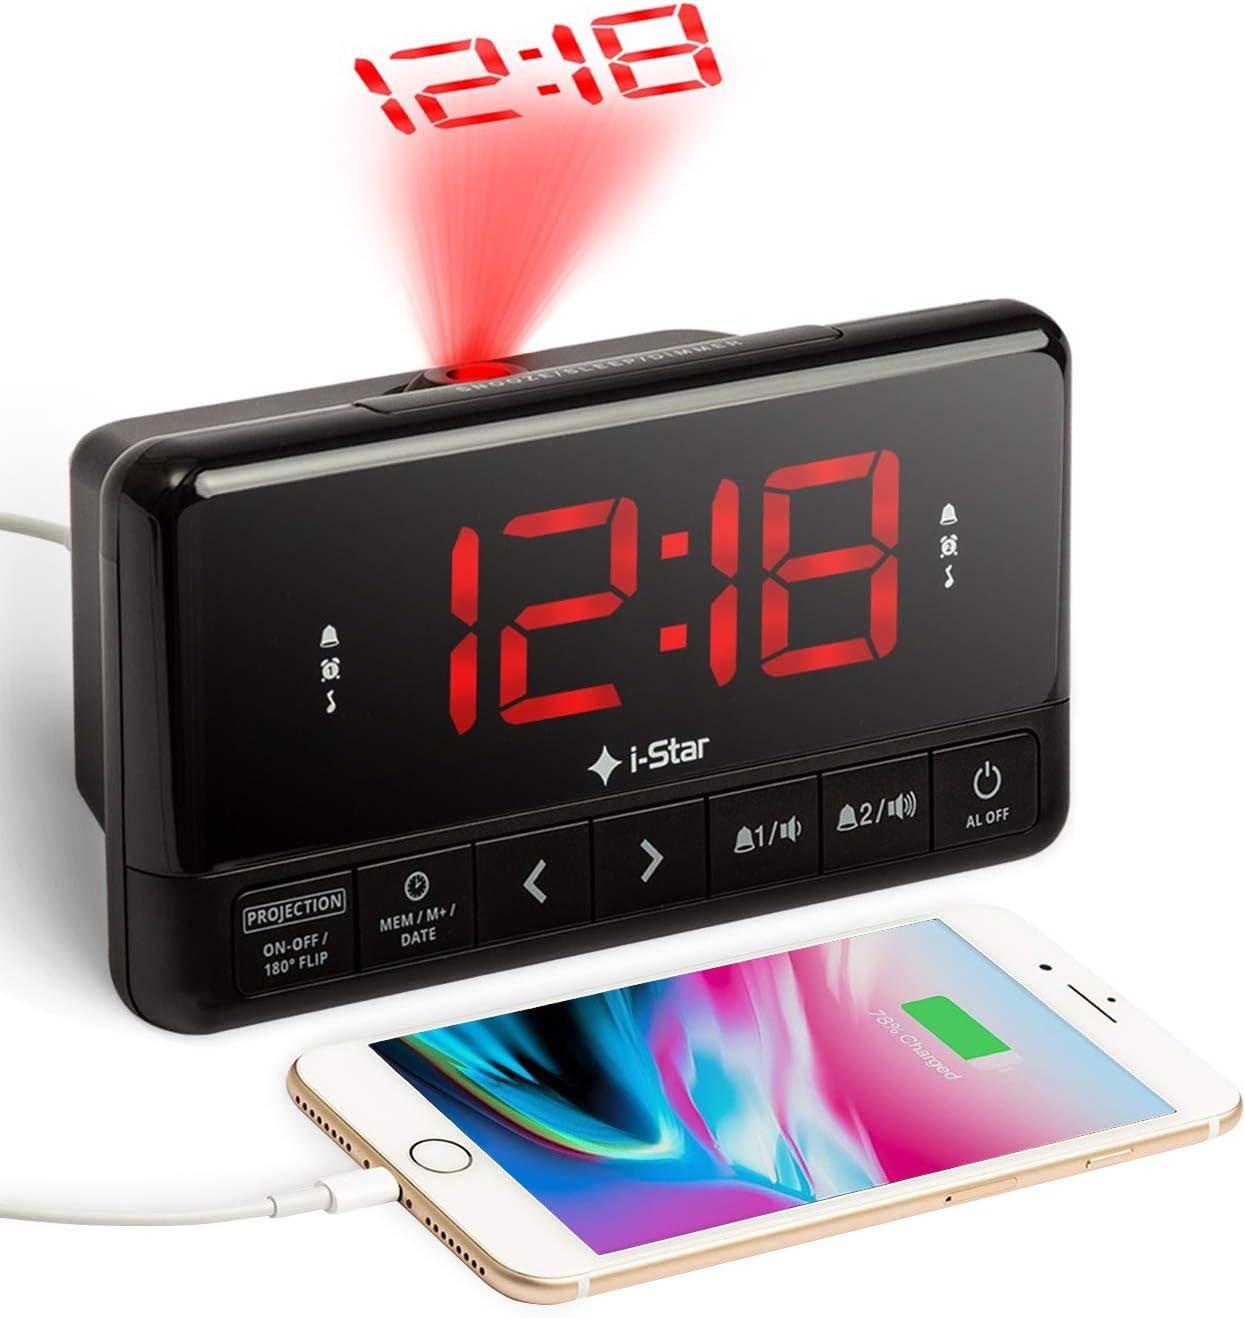 Despertador Proyector, Radio Reloj Despertador de Proyección Digital con Cargador USB, FM Radio, Pantalla LED Digital, Función Snooze